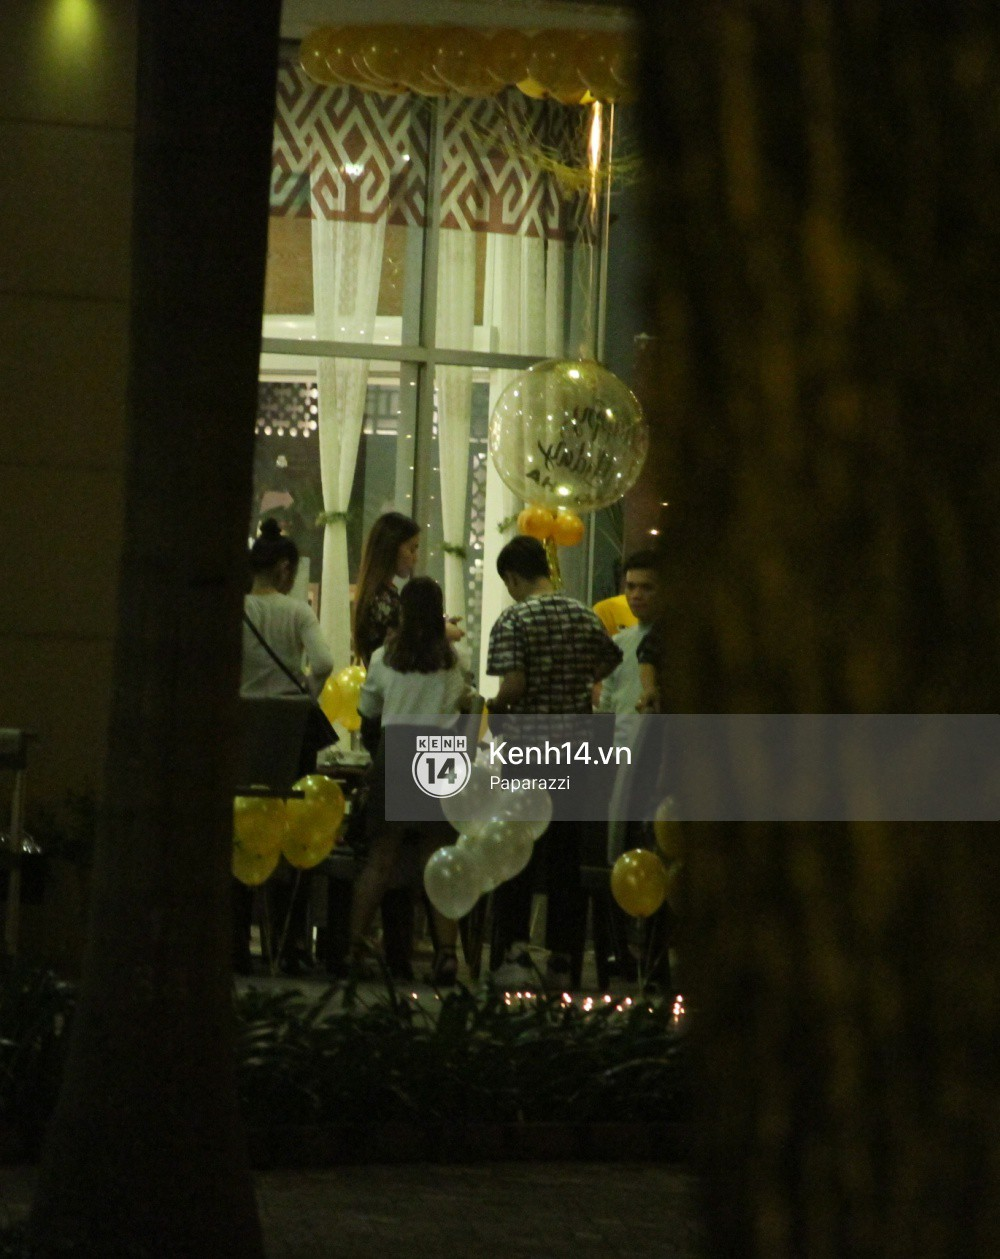 Vắng Kim Lý, Hà Hồ lẻ bóng dự tiệc sinh nhật muộn do bạn bè tổ chức - Ảnh 1.